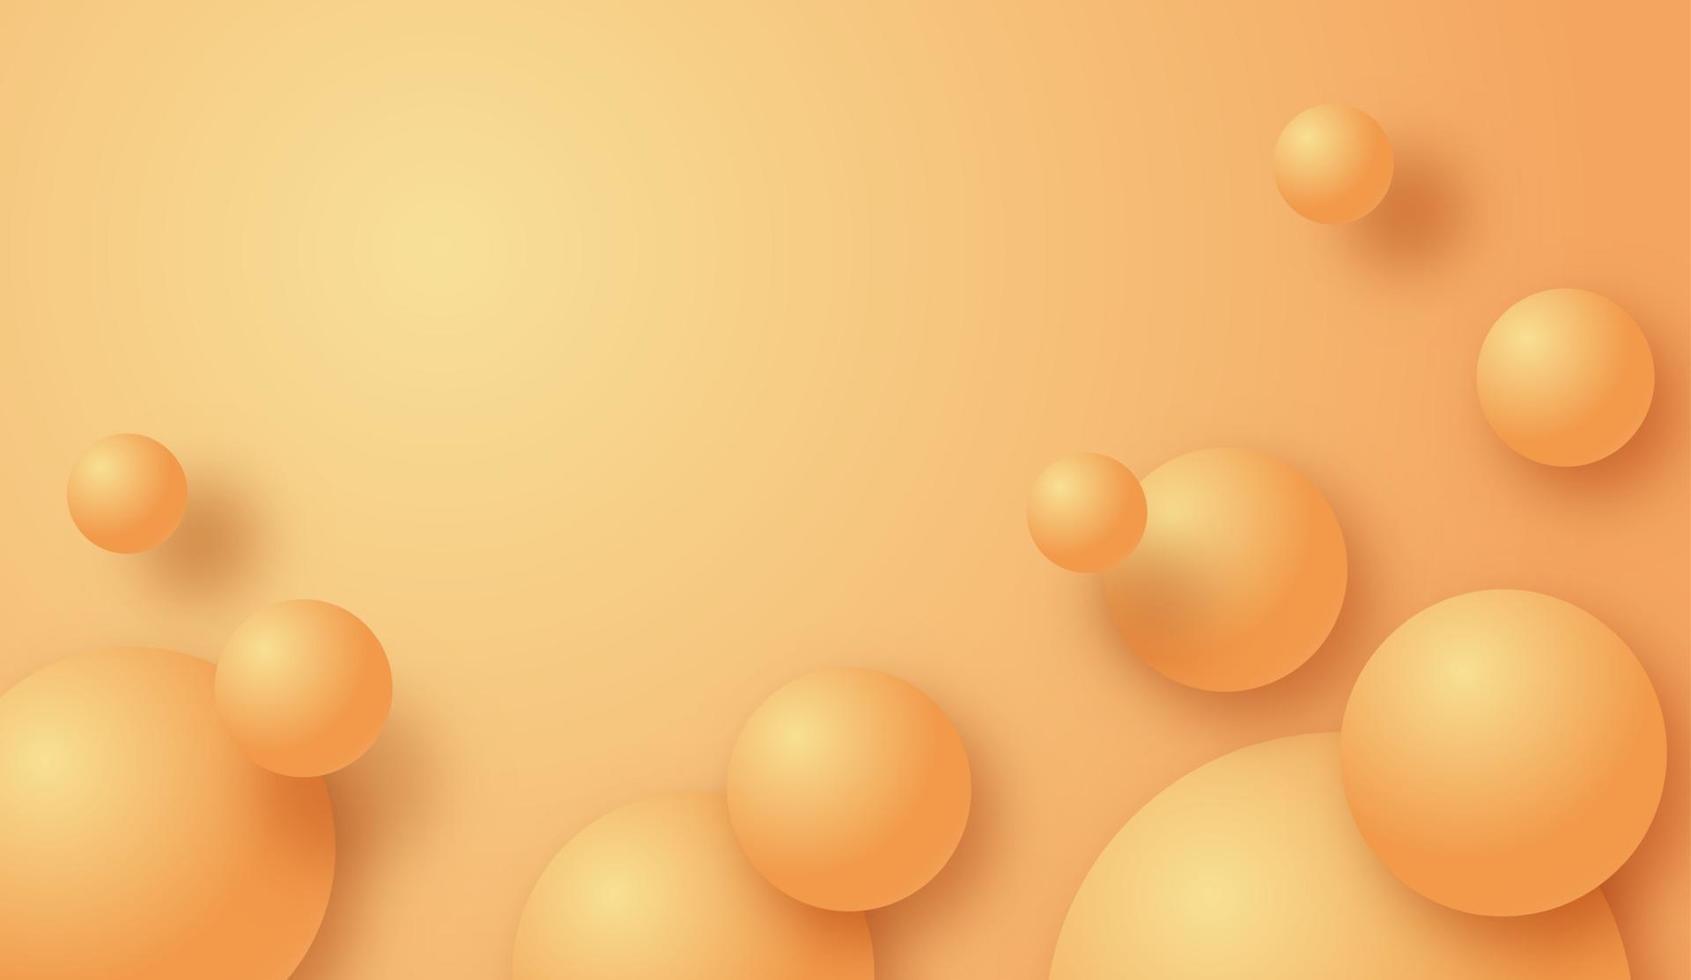 webabstract 3d fond de cercle rond moderne. bannière géométrique jaune. illustration de l'art vectoriel